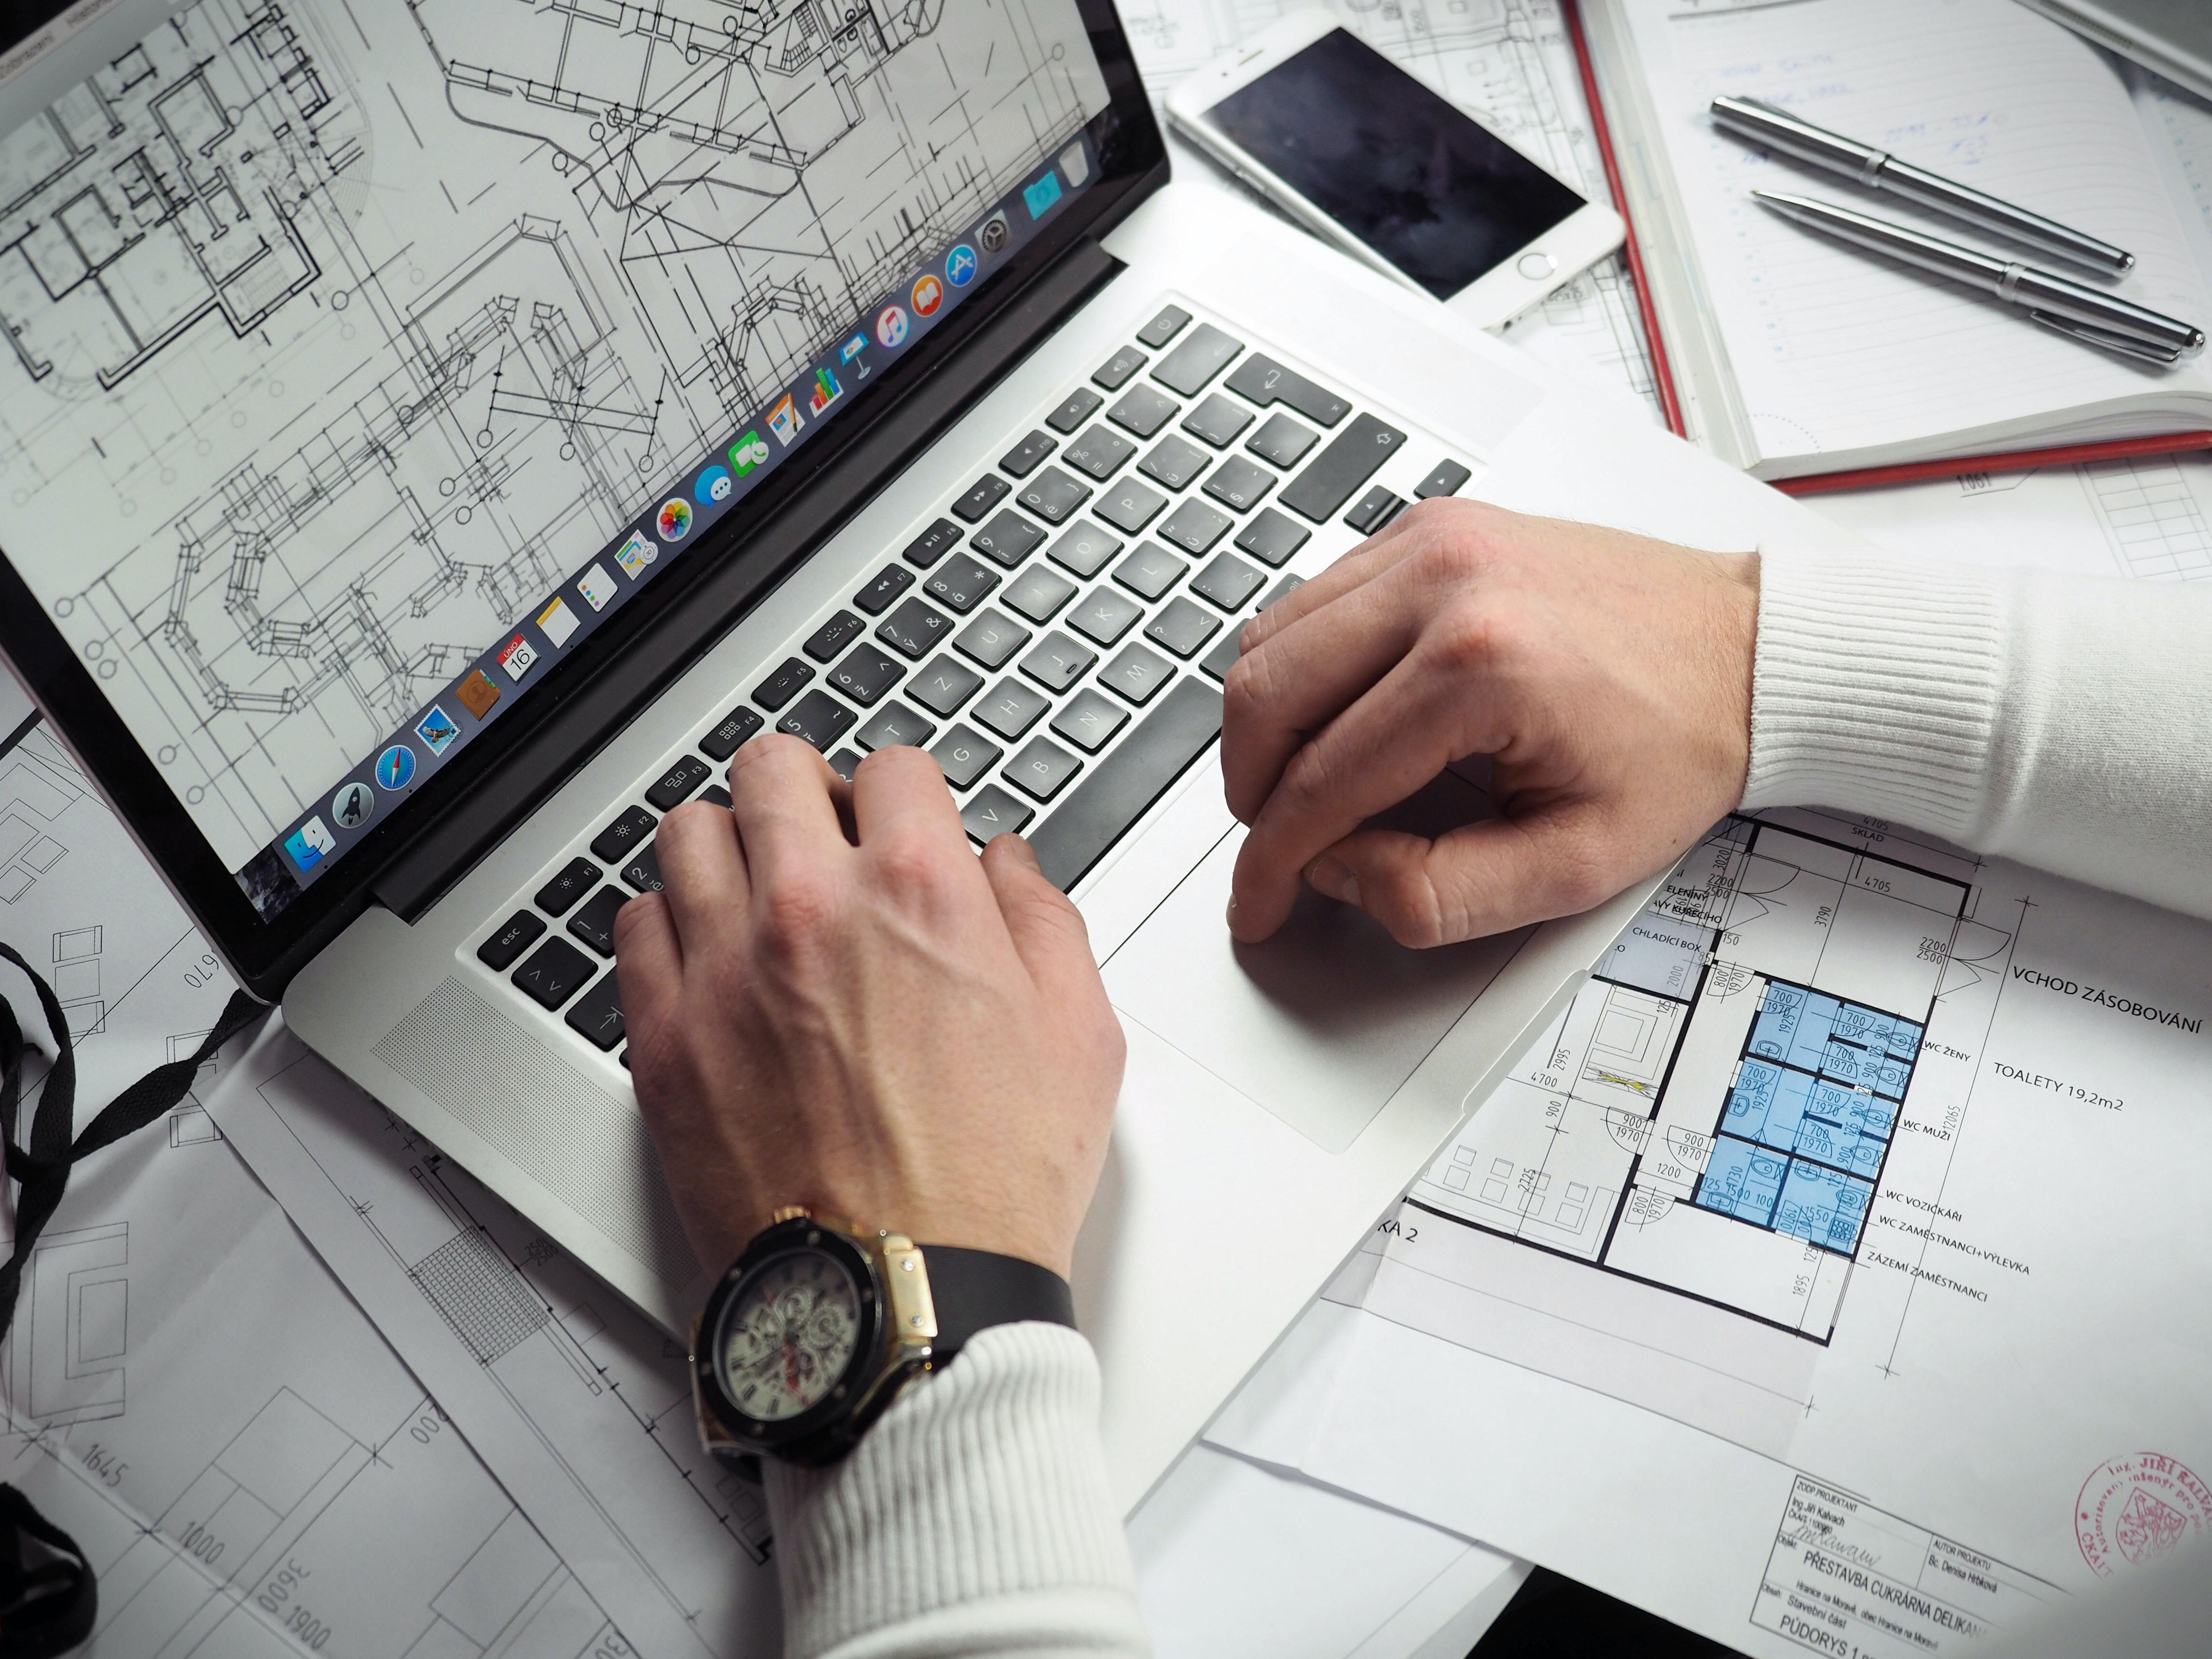 Architecte qui travaille sur son Macbook Pro